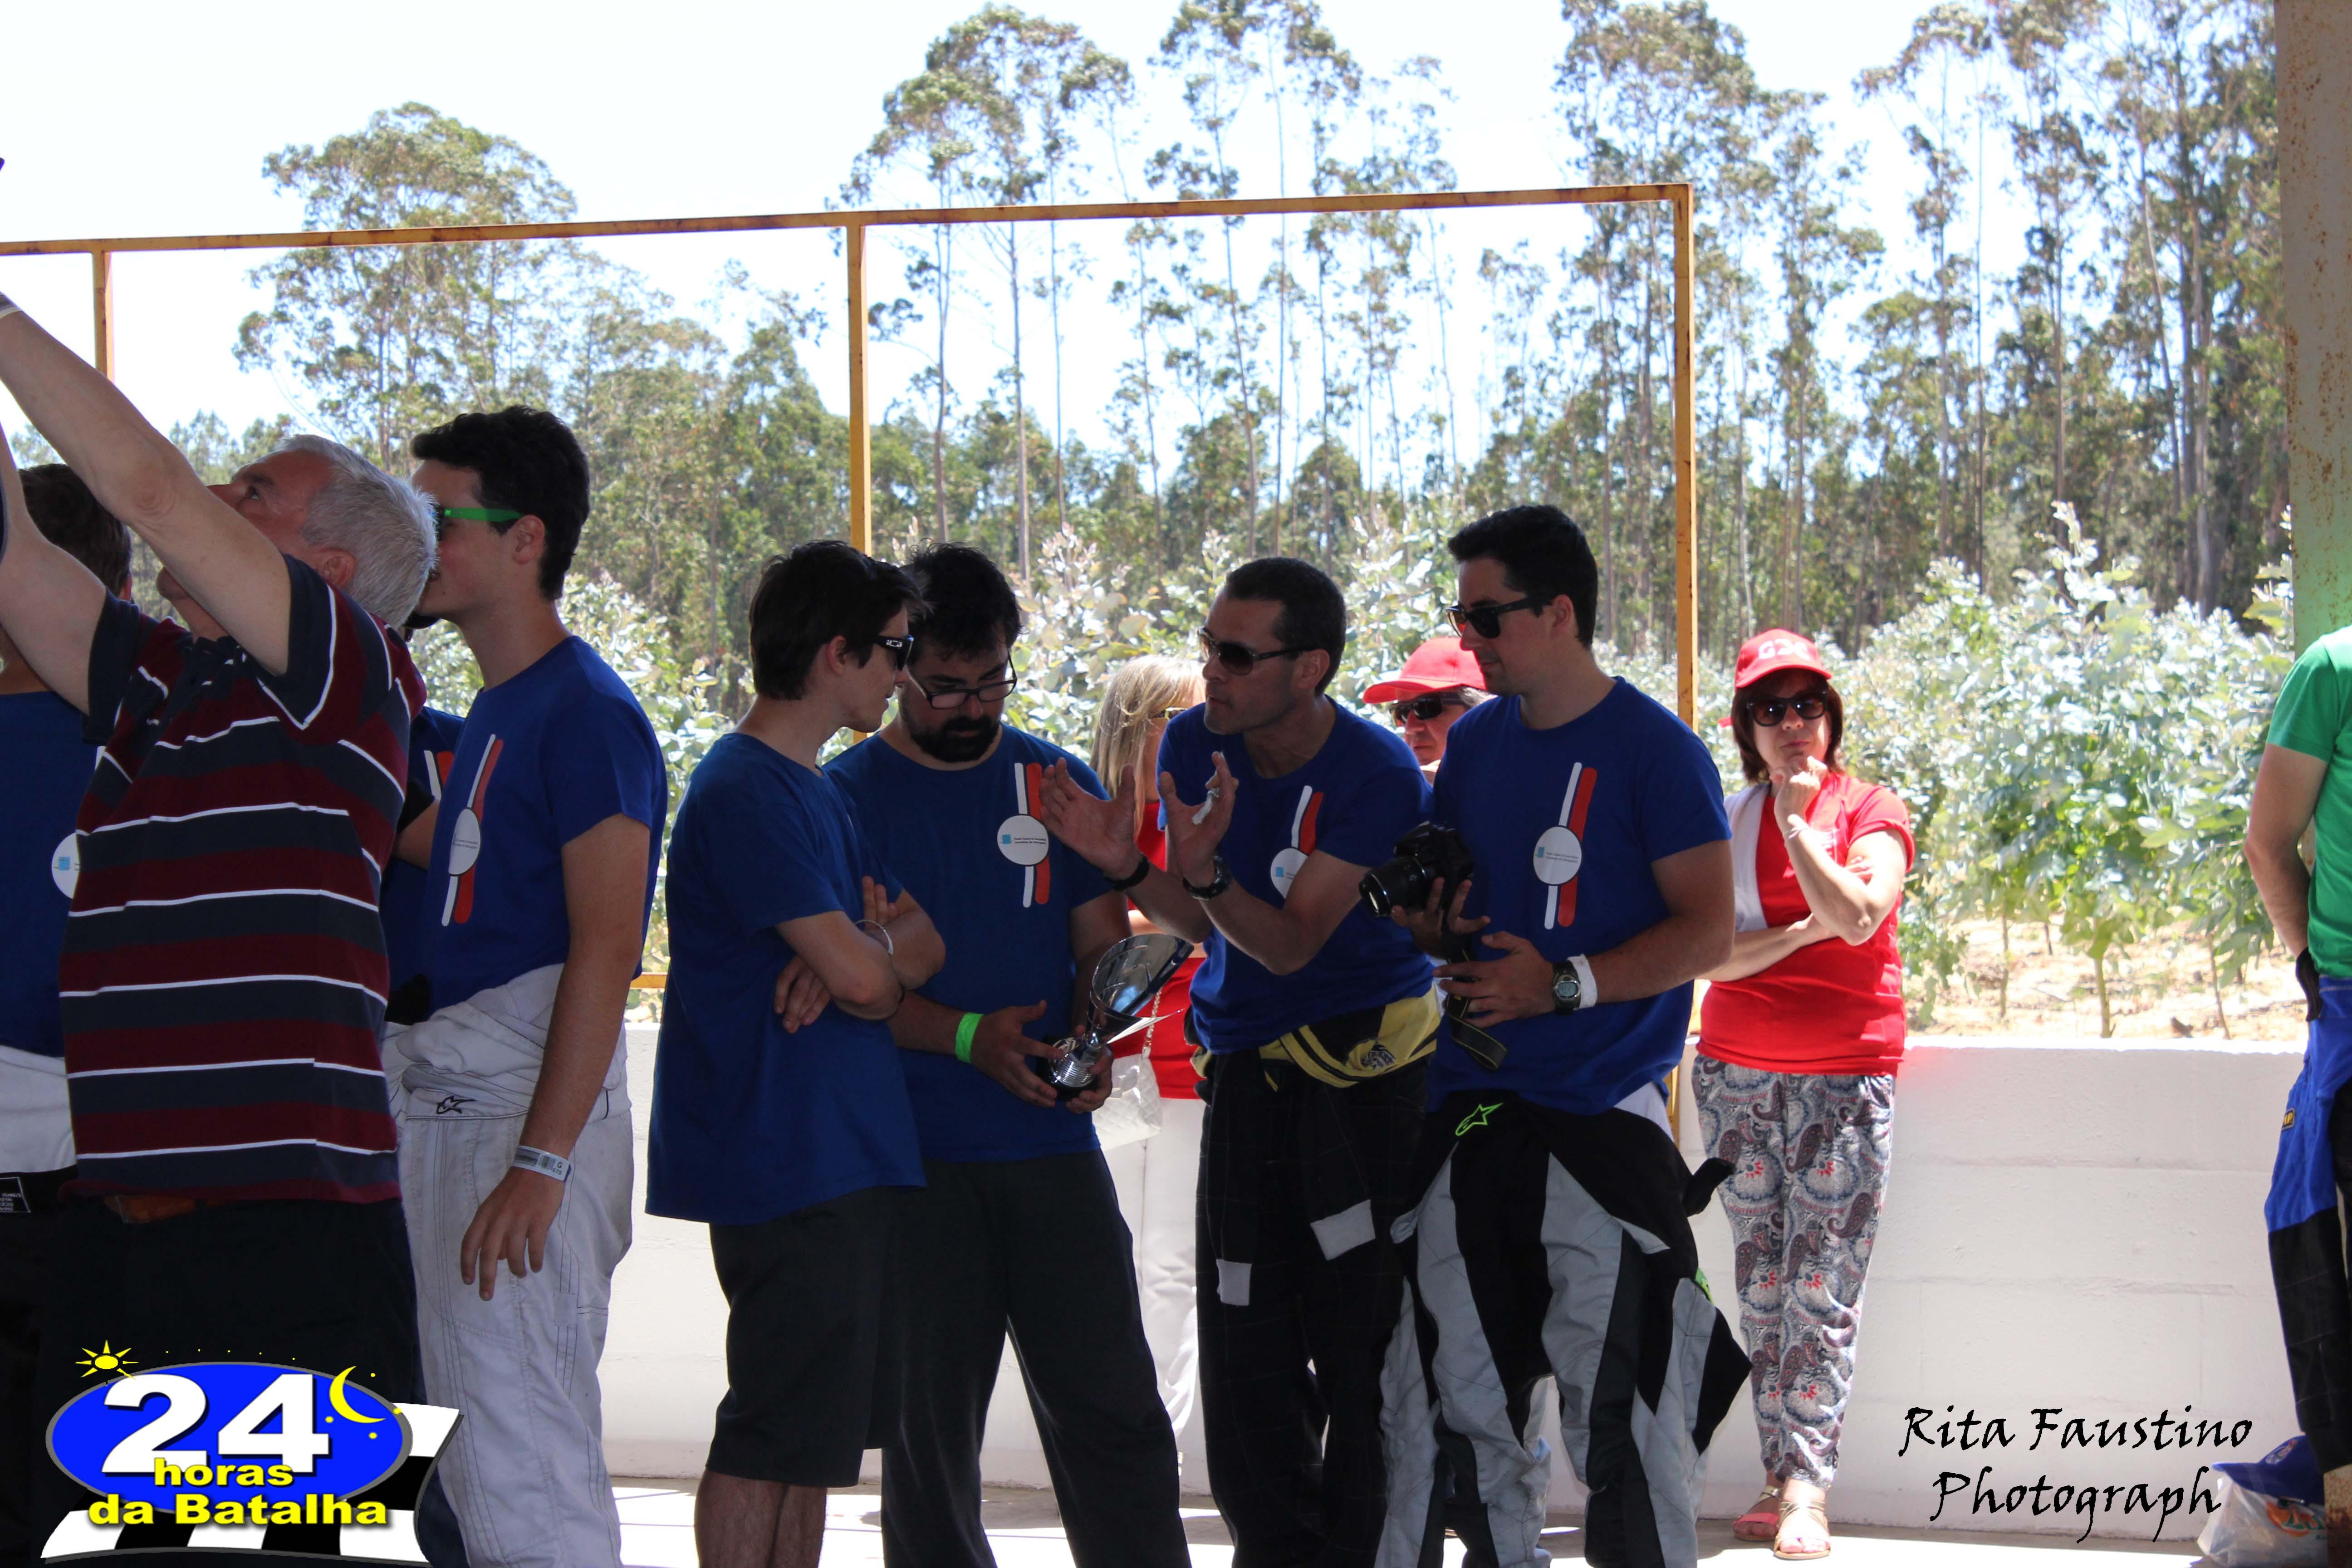 24 Horas da Batalha 2015 - Entrega de prémios24